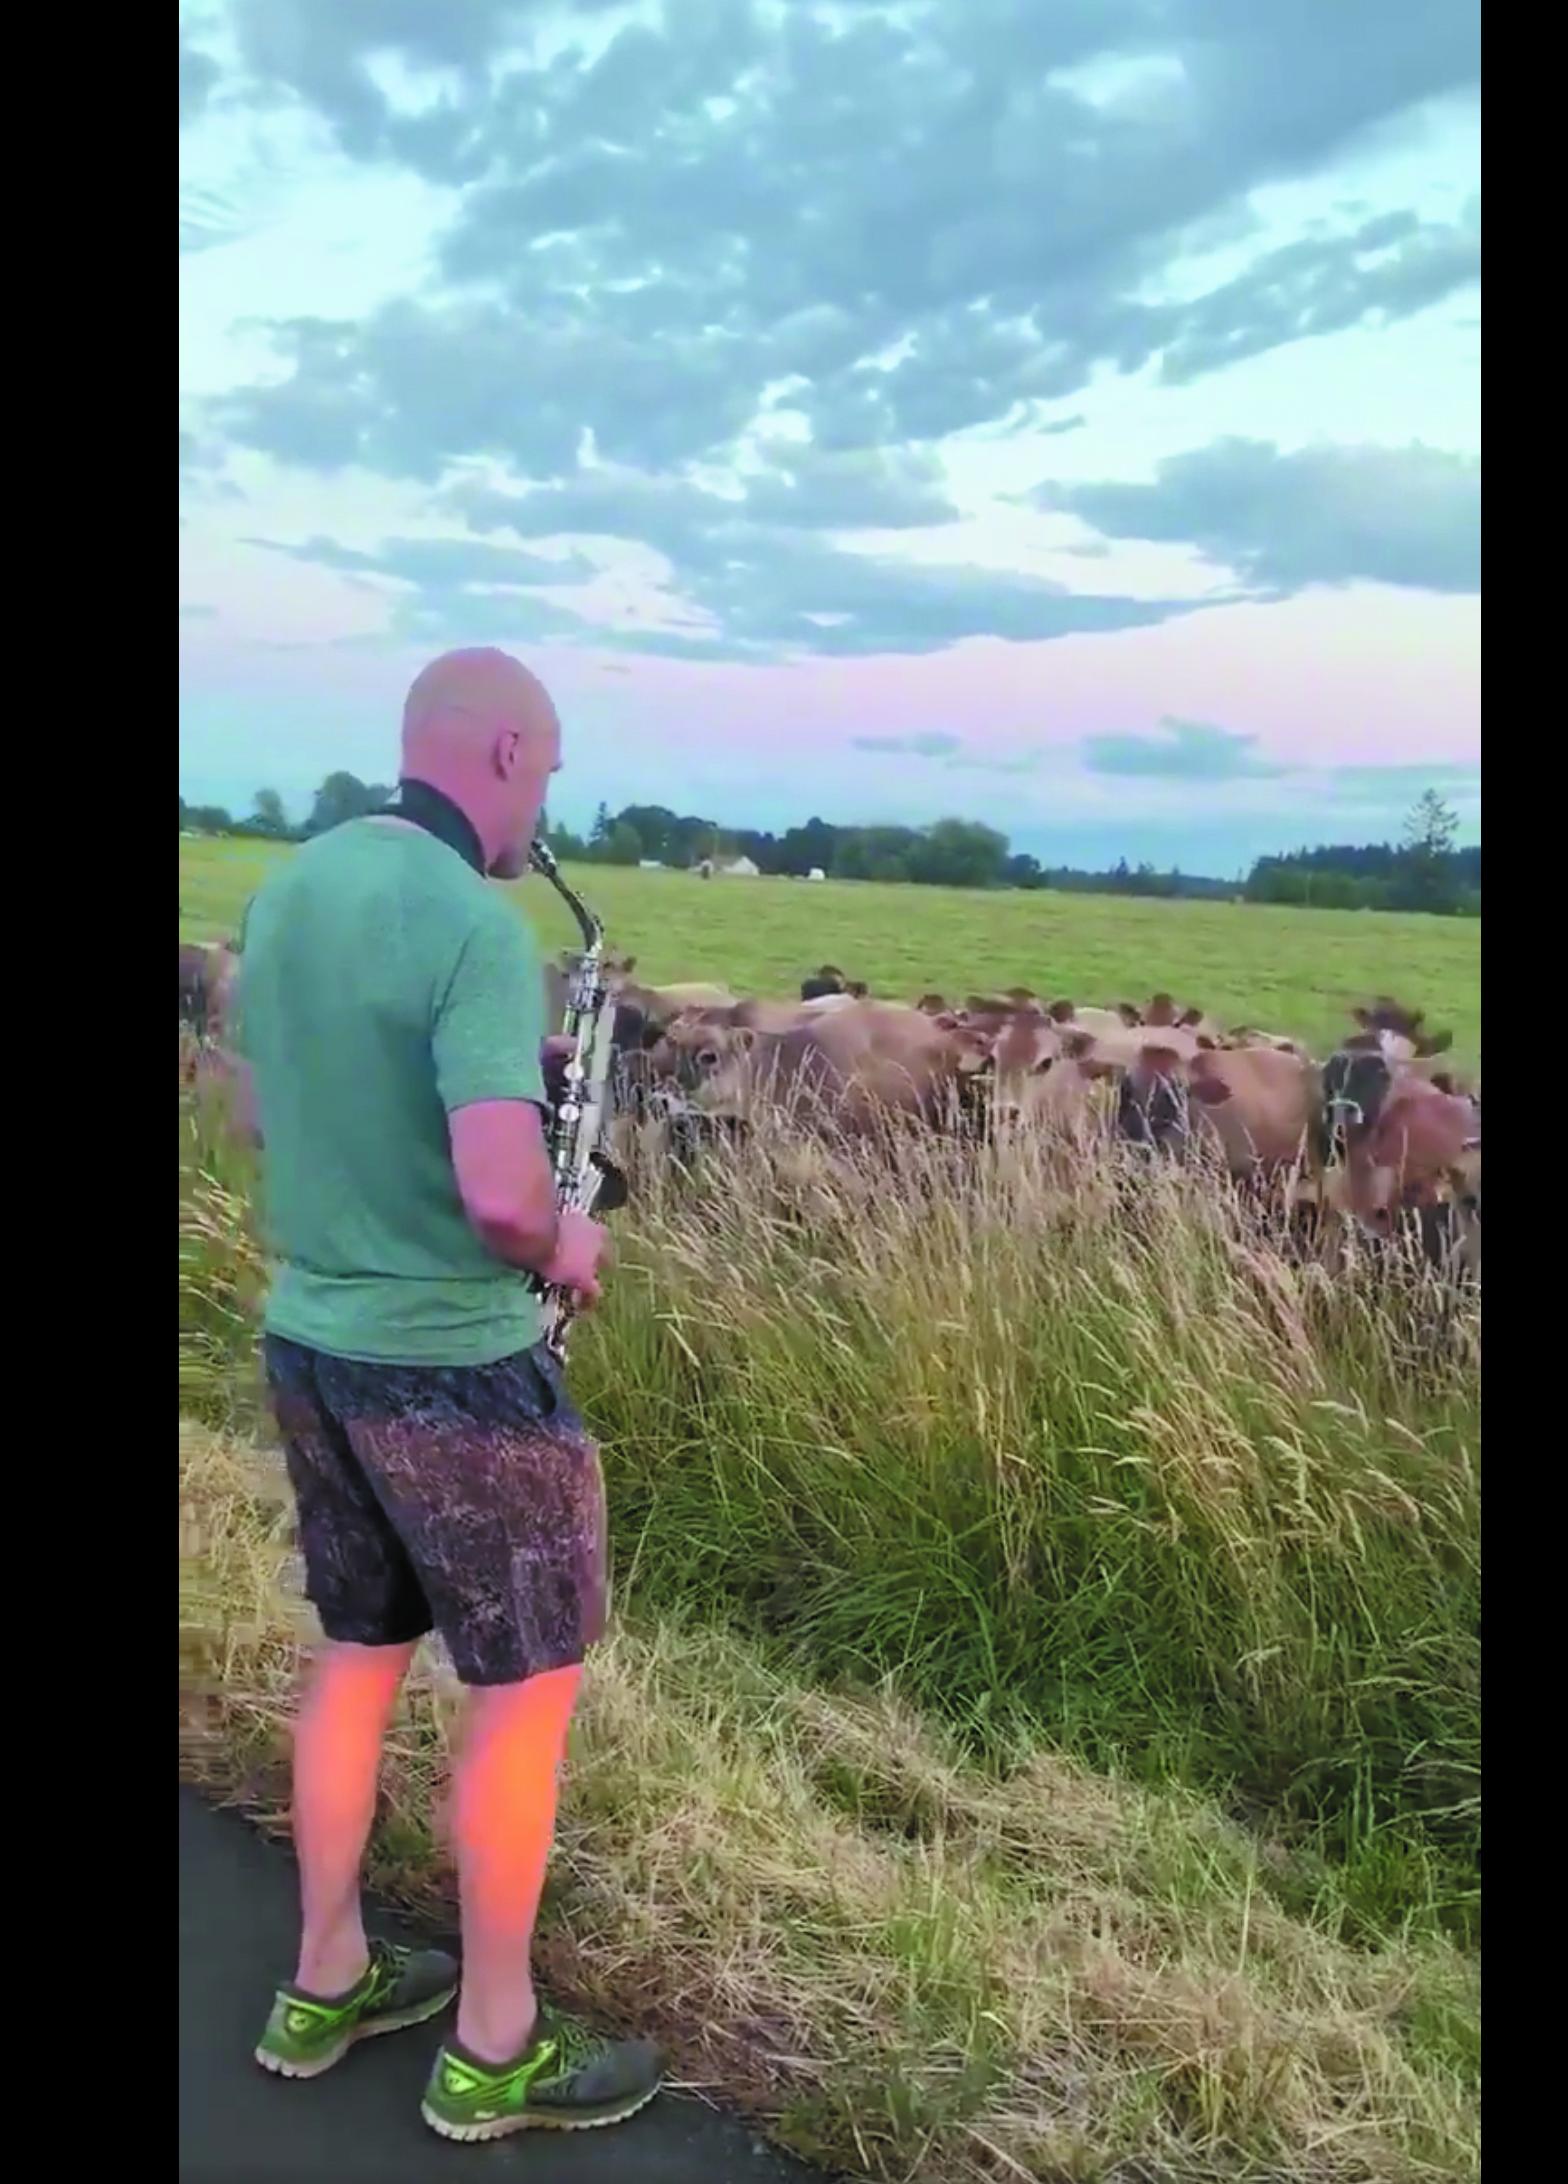 Concierto de saxofón para un rebaño de vacas